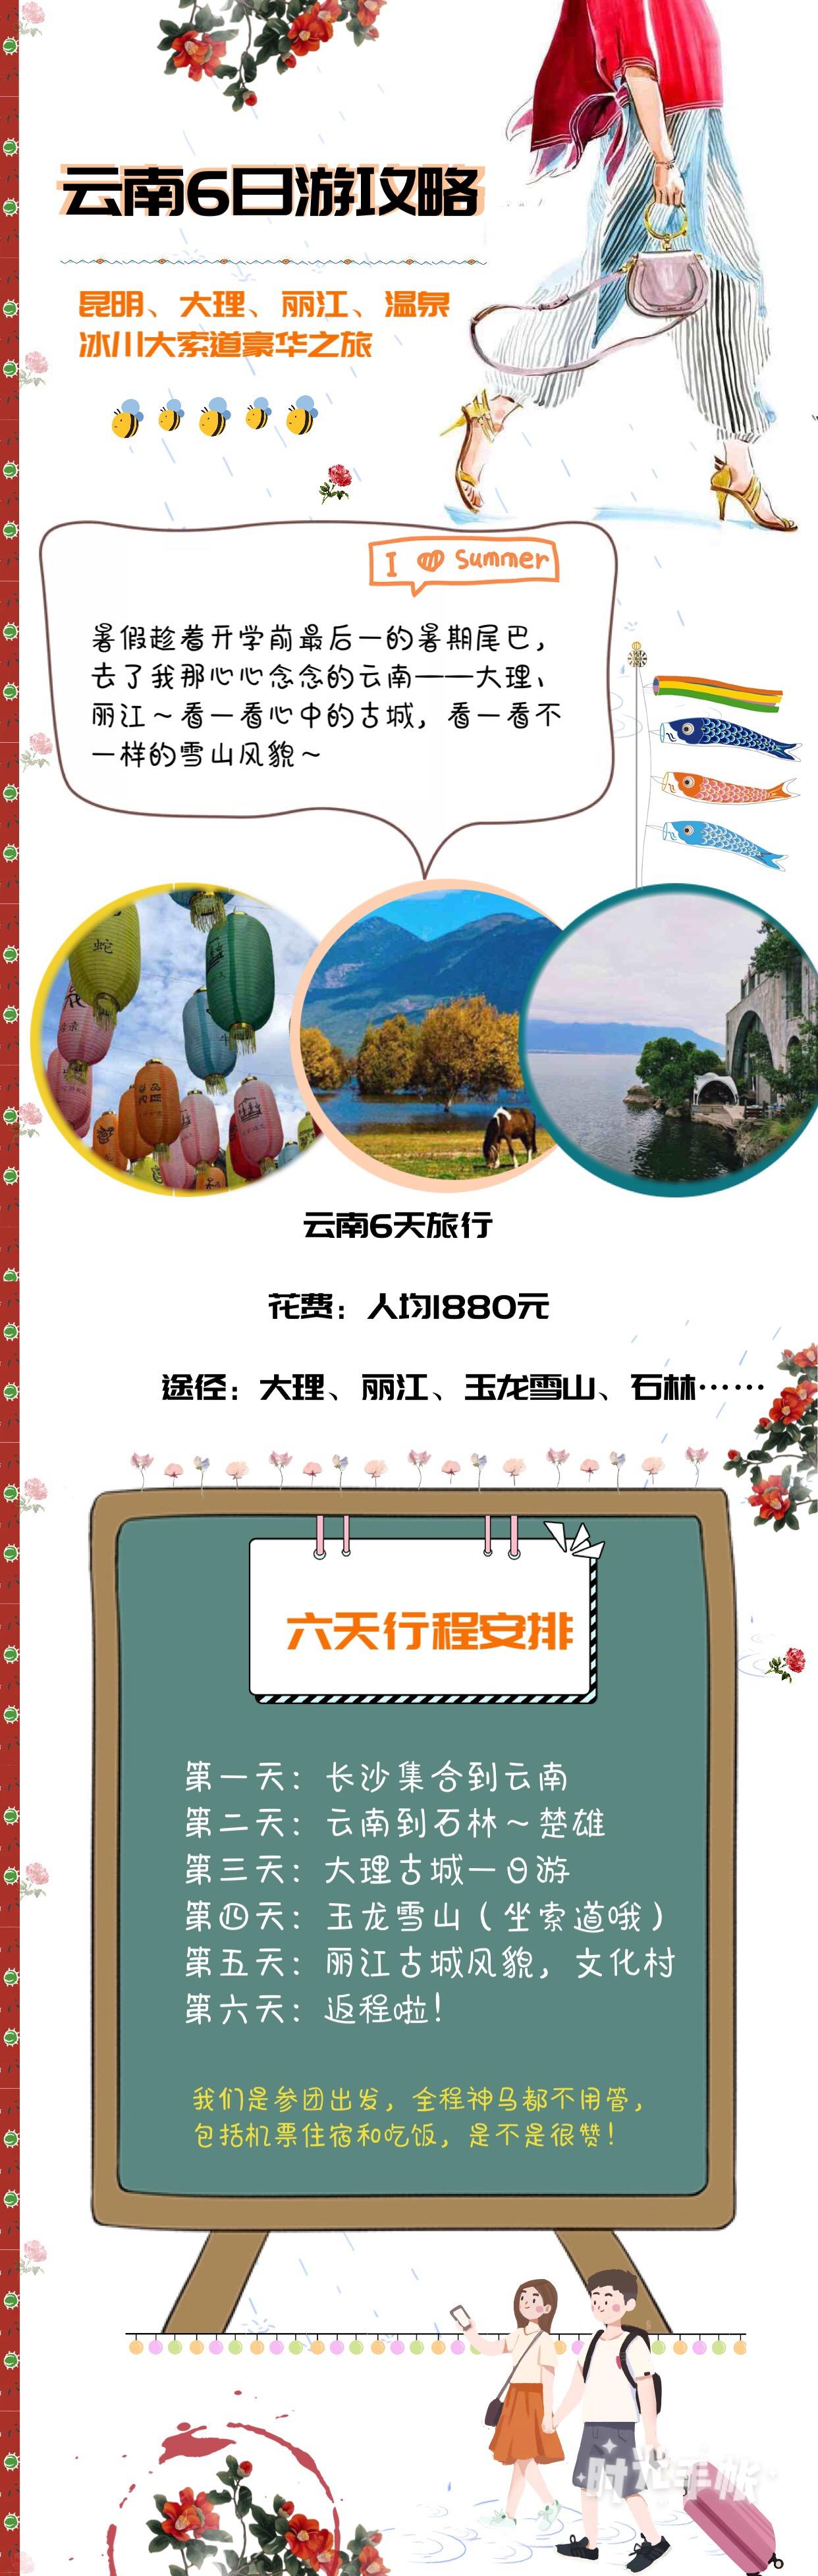 很多人的梦想:去大理、丽江、玉龙雪山、洱海……但是去一次旅行